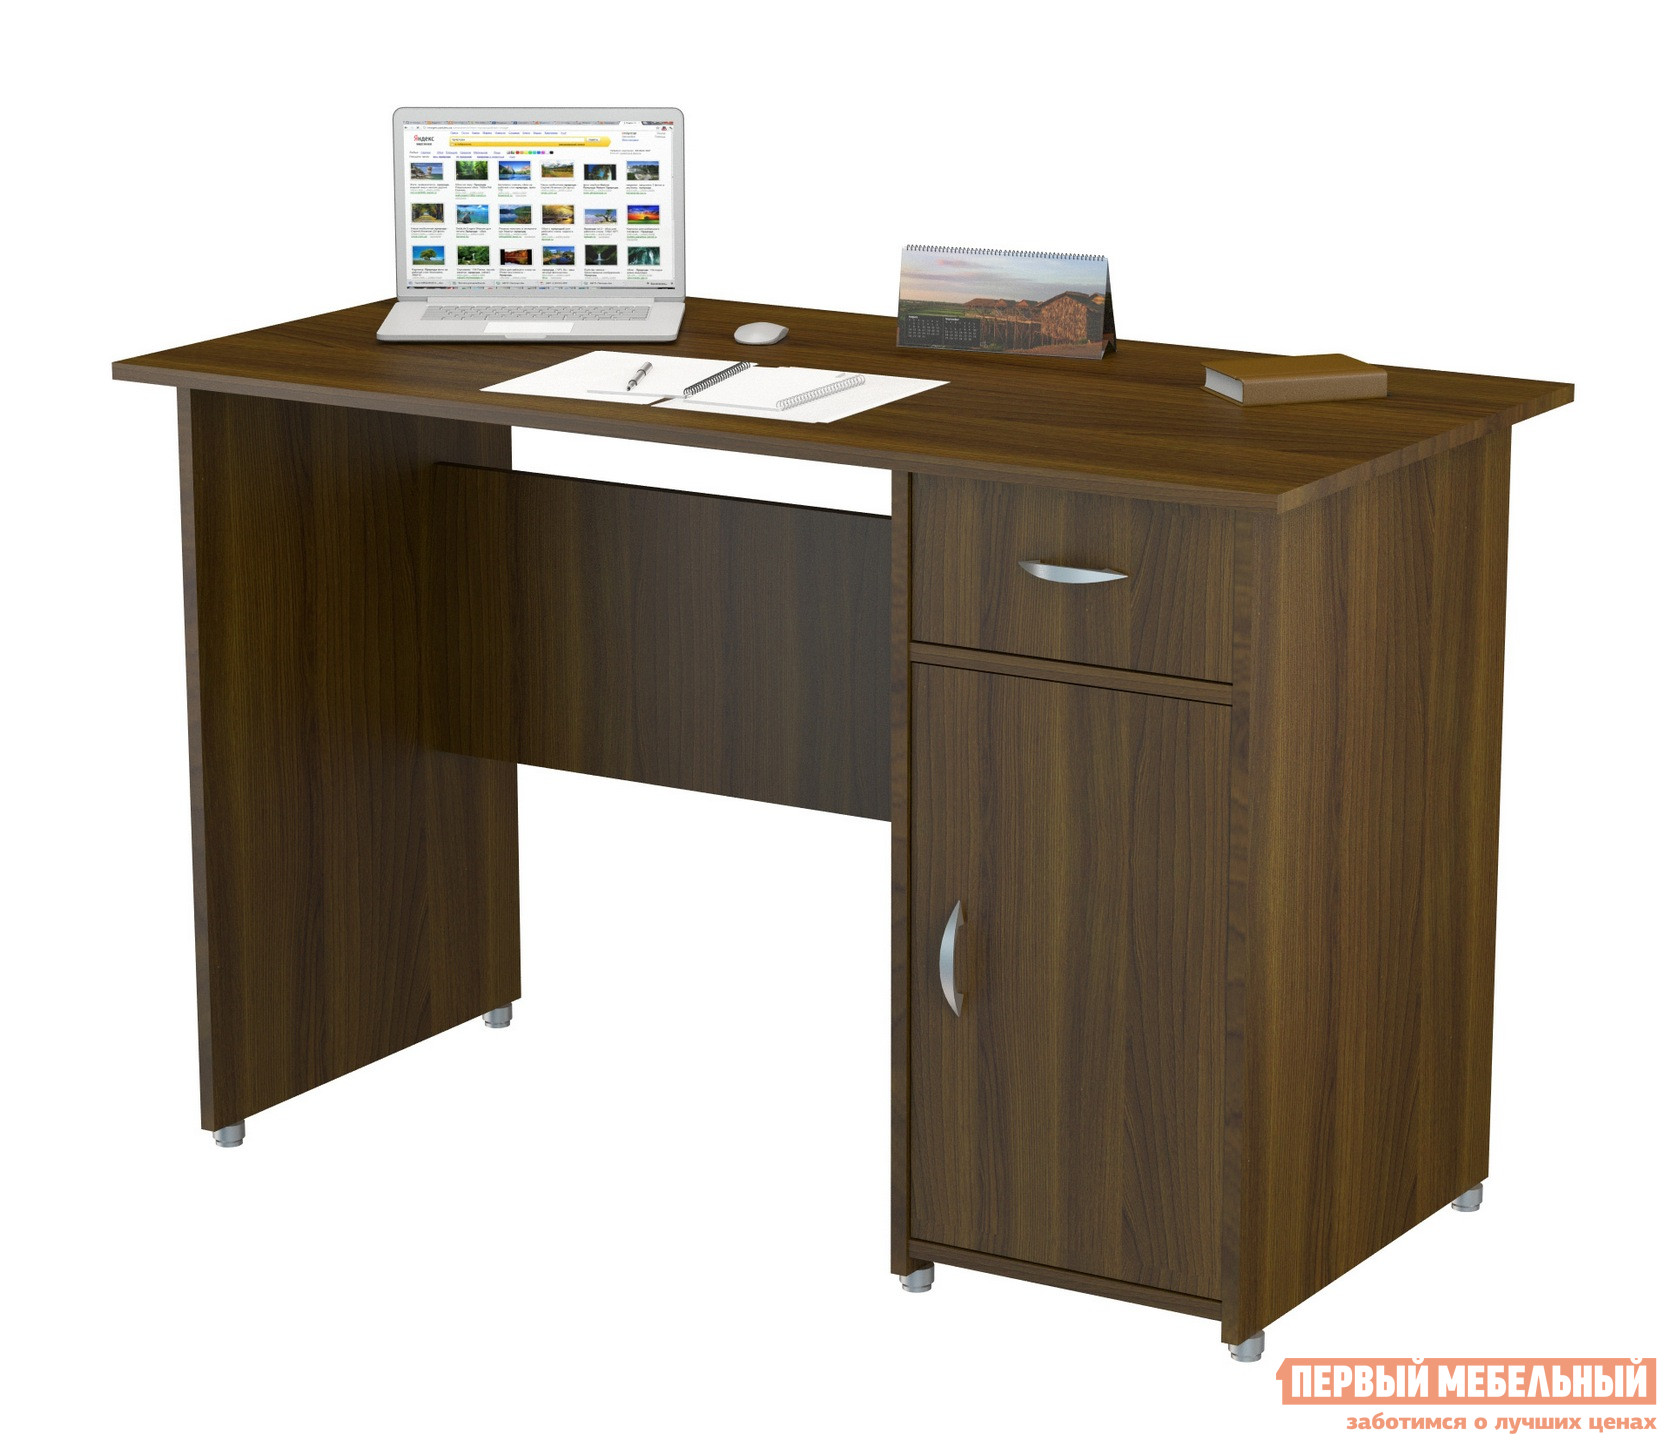 Компьютерный стол ВасКо ПС 40-08 М1 Орех Валенсия